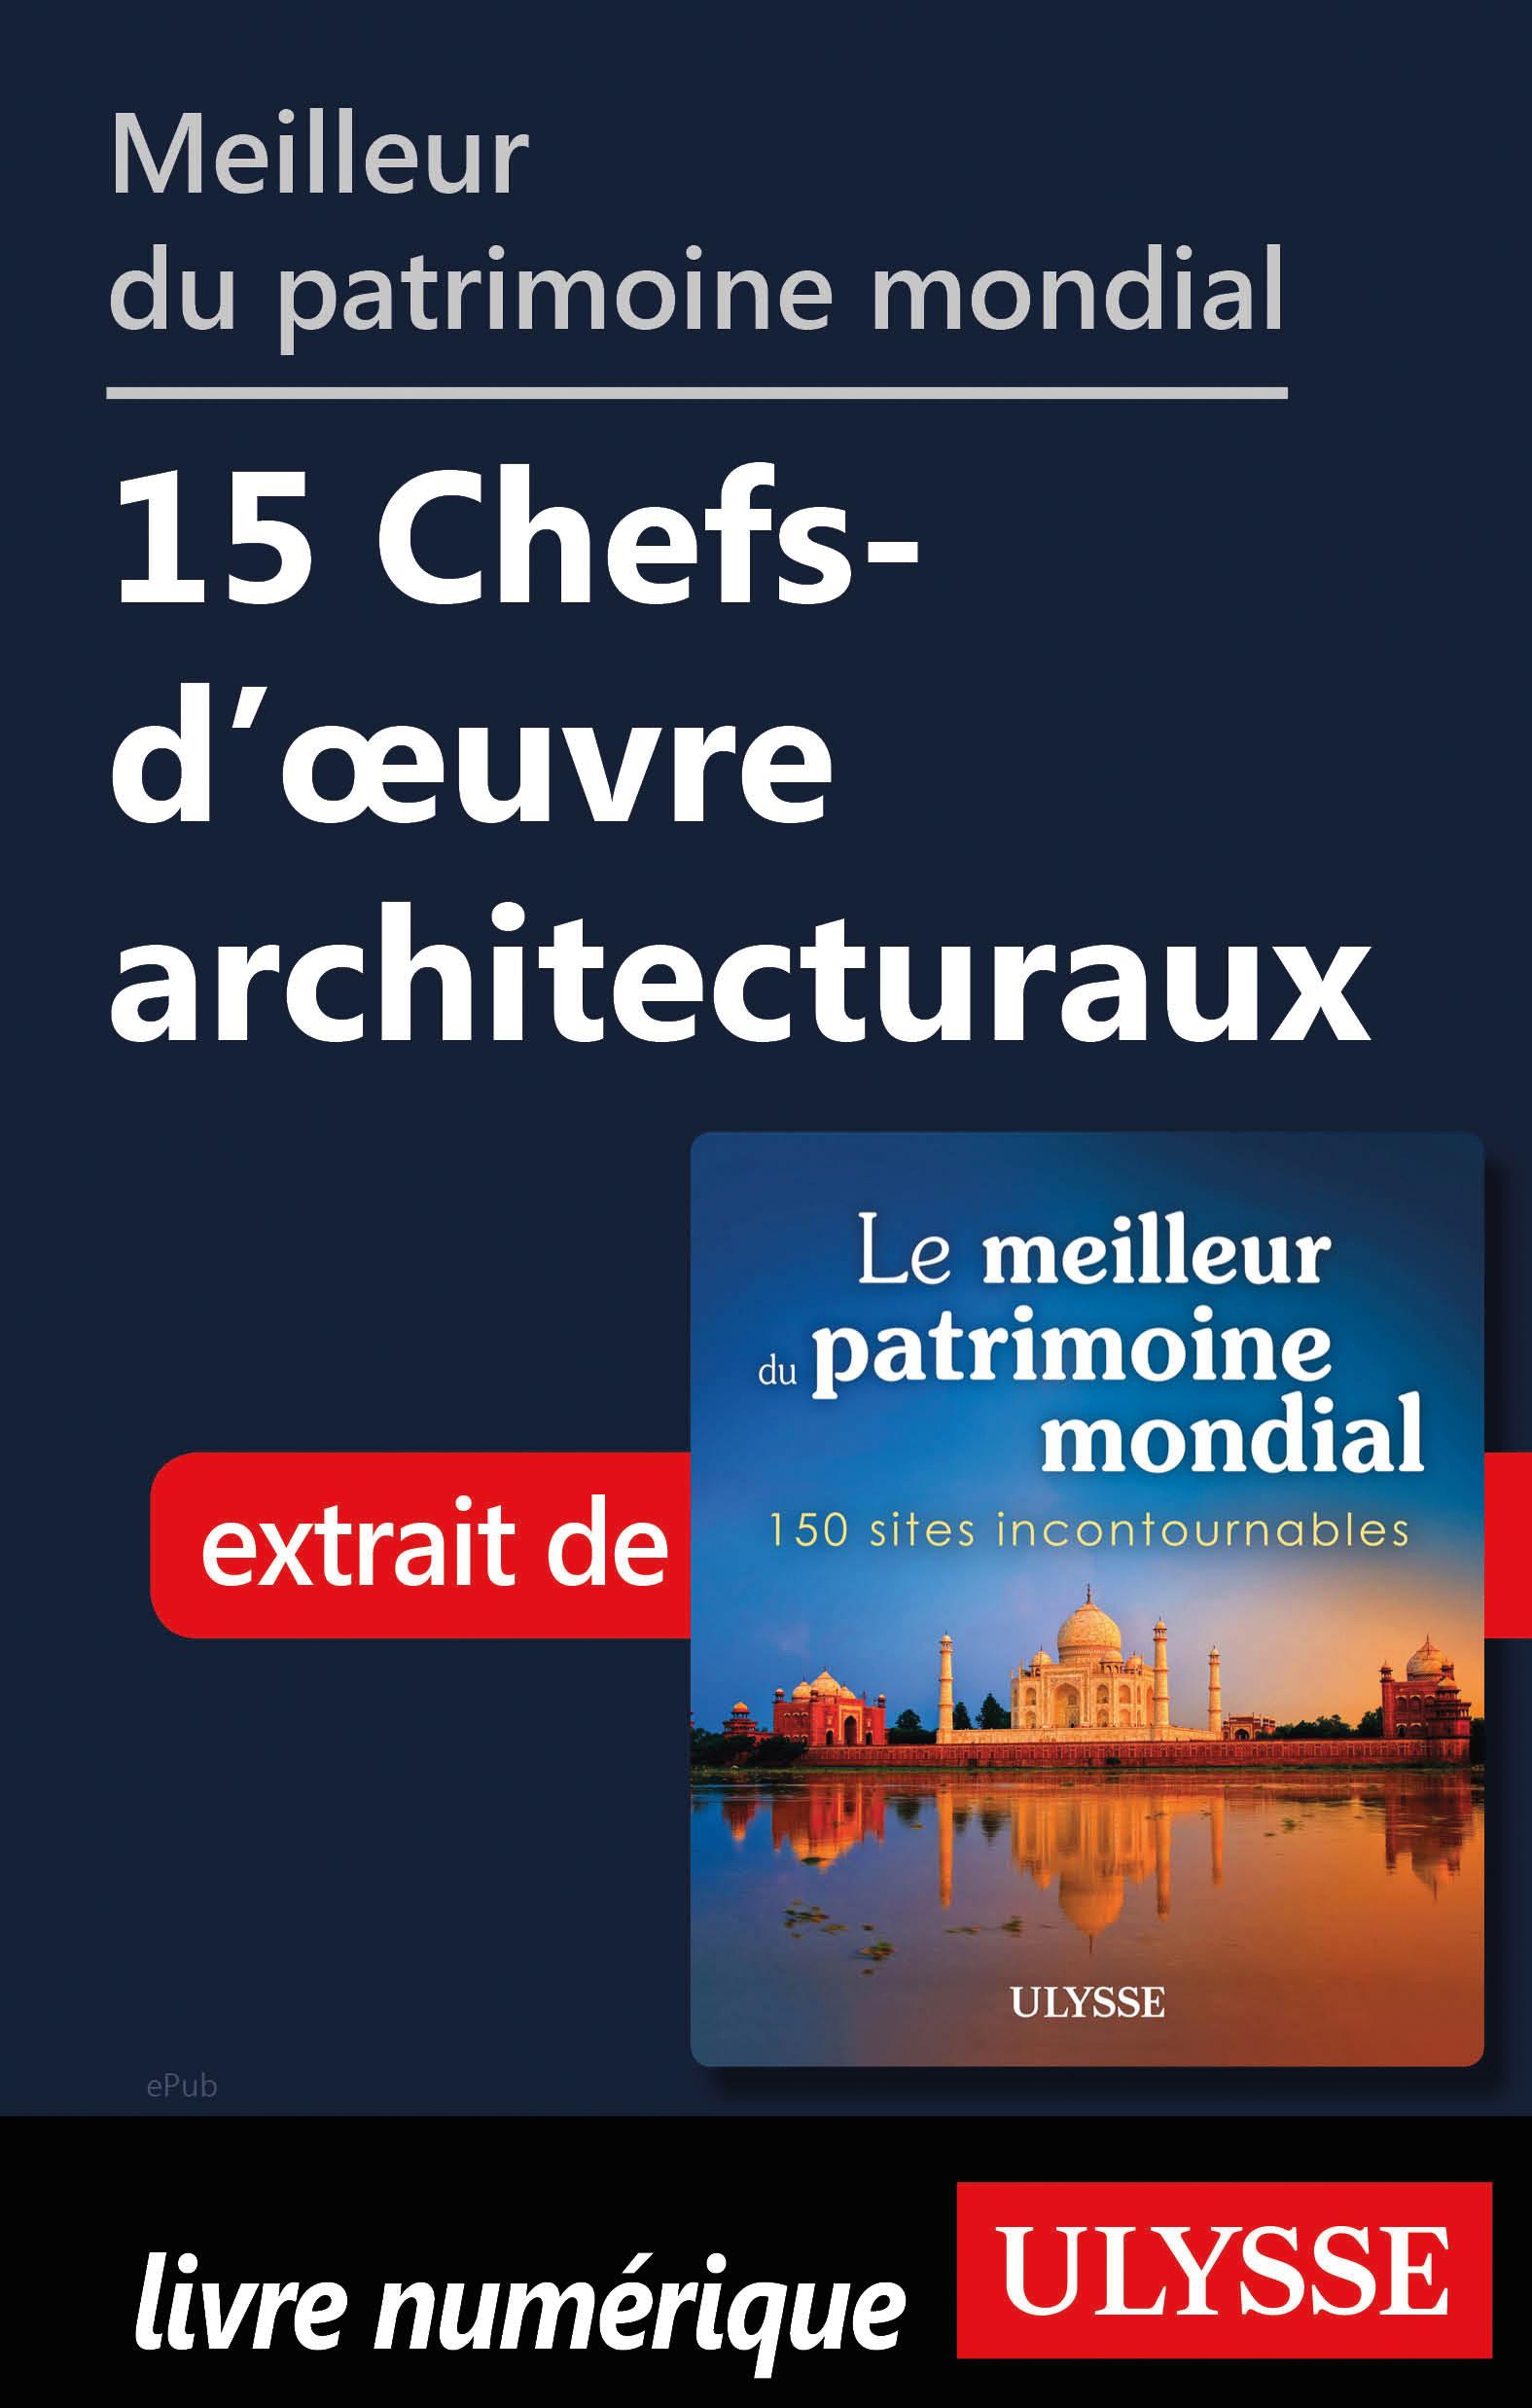 Meilleur du patrimoine mondial Chefs-d'œuvre architecturaux